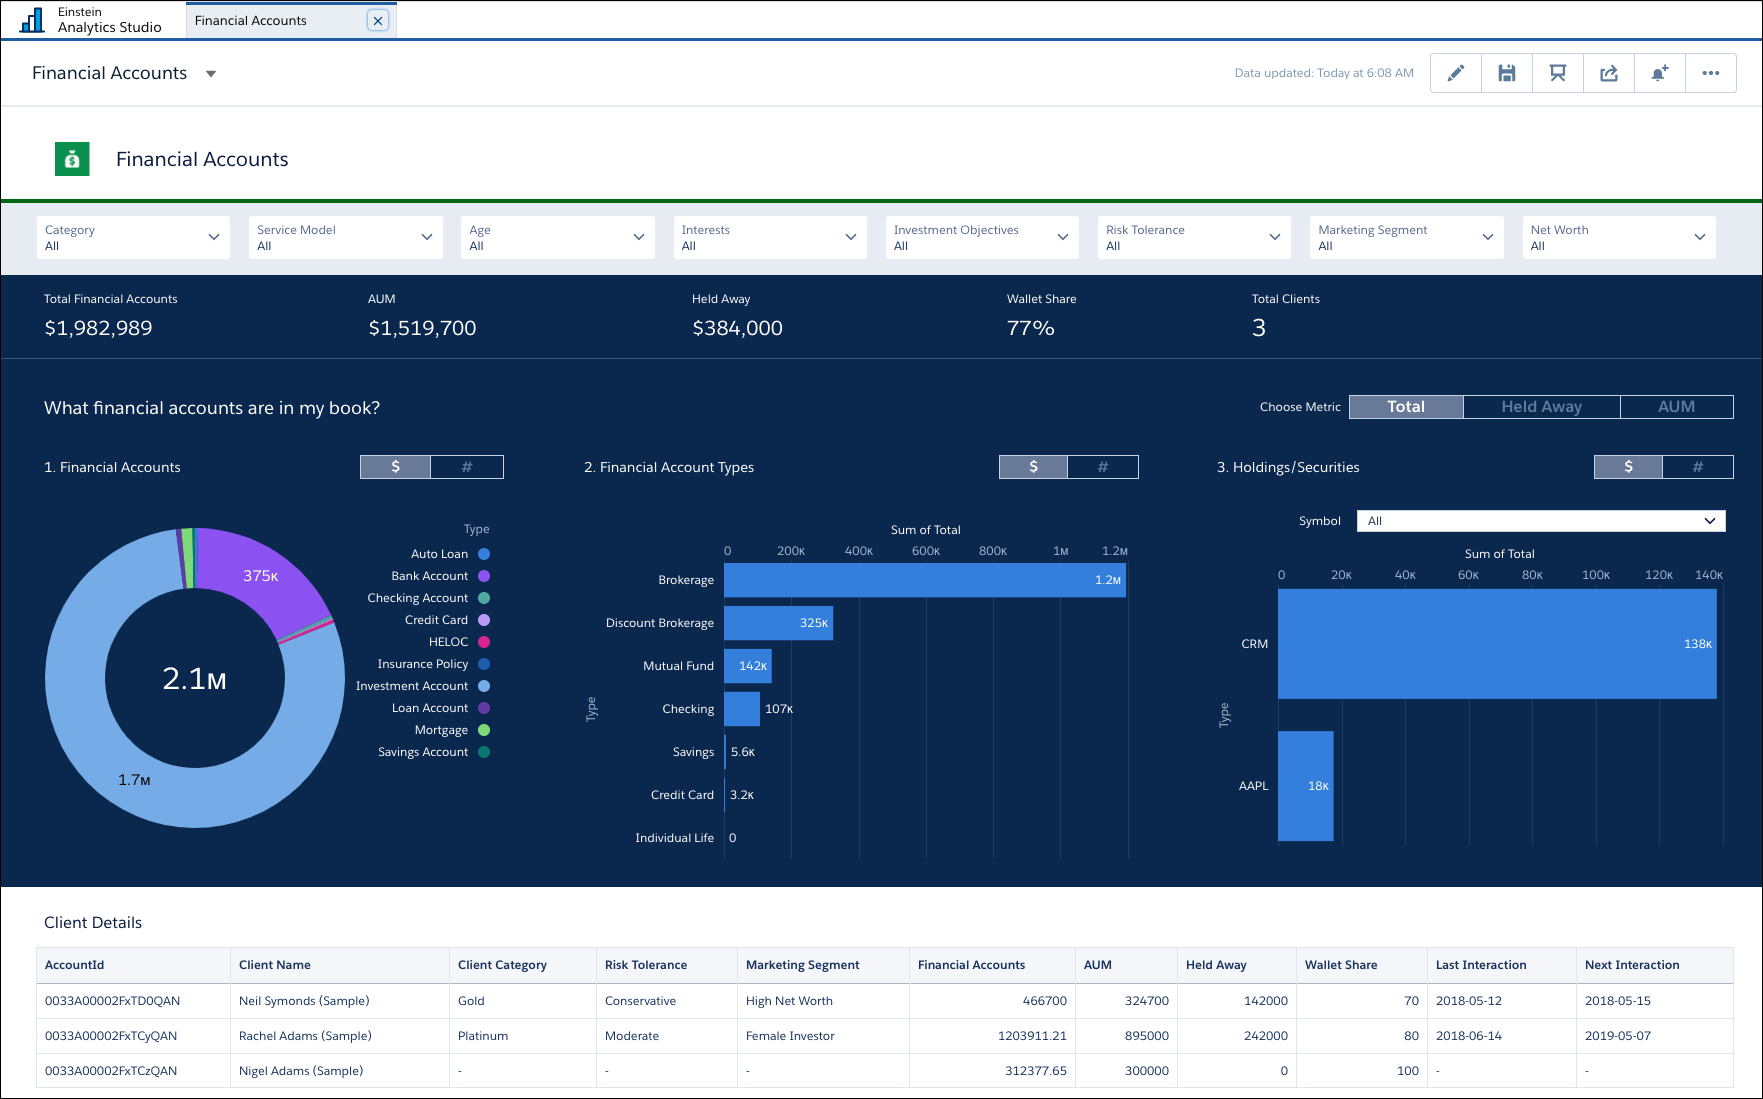 Screen shot showing Financial Accounts dashboard